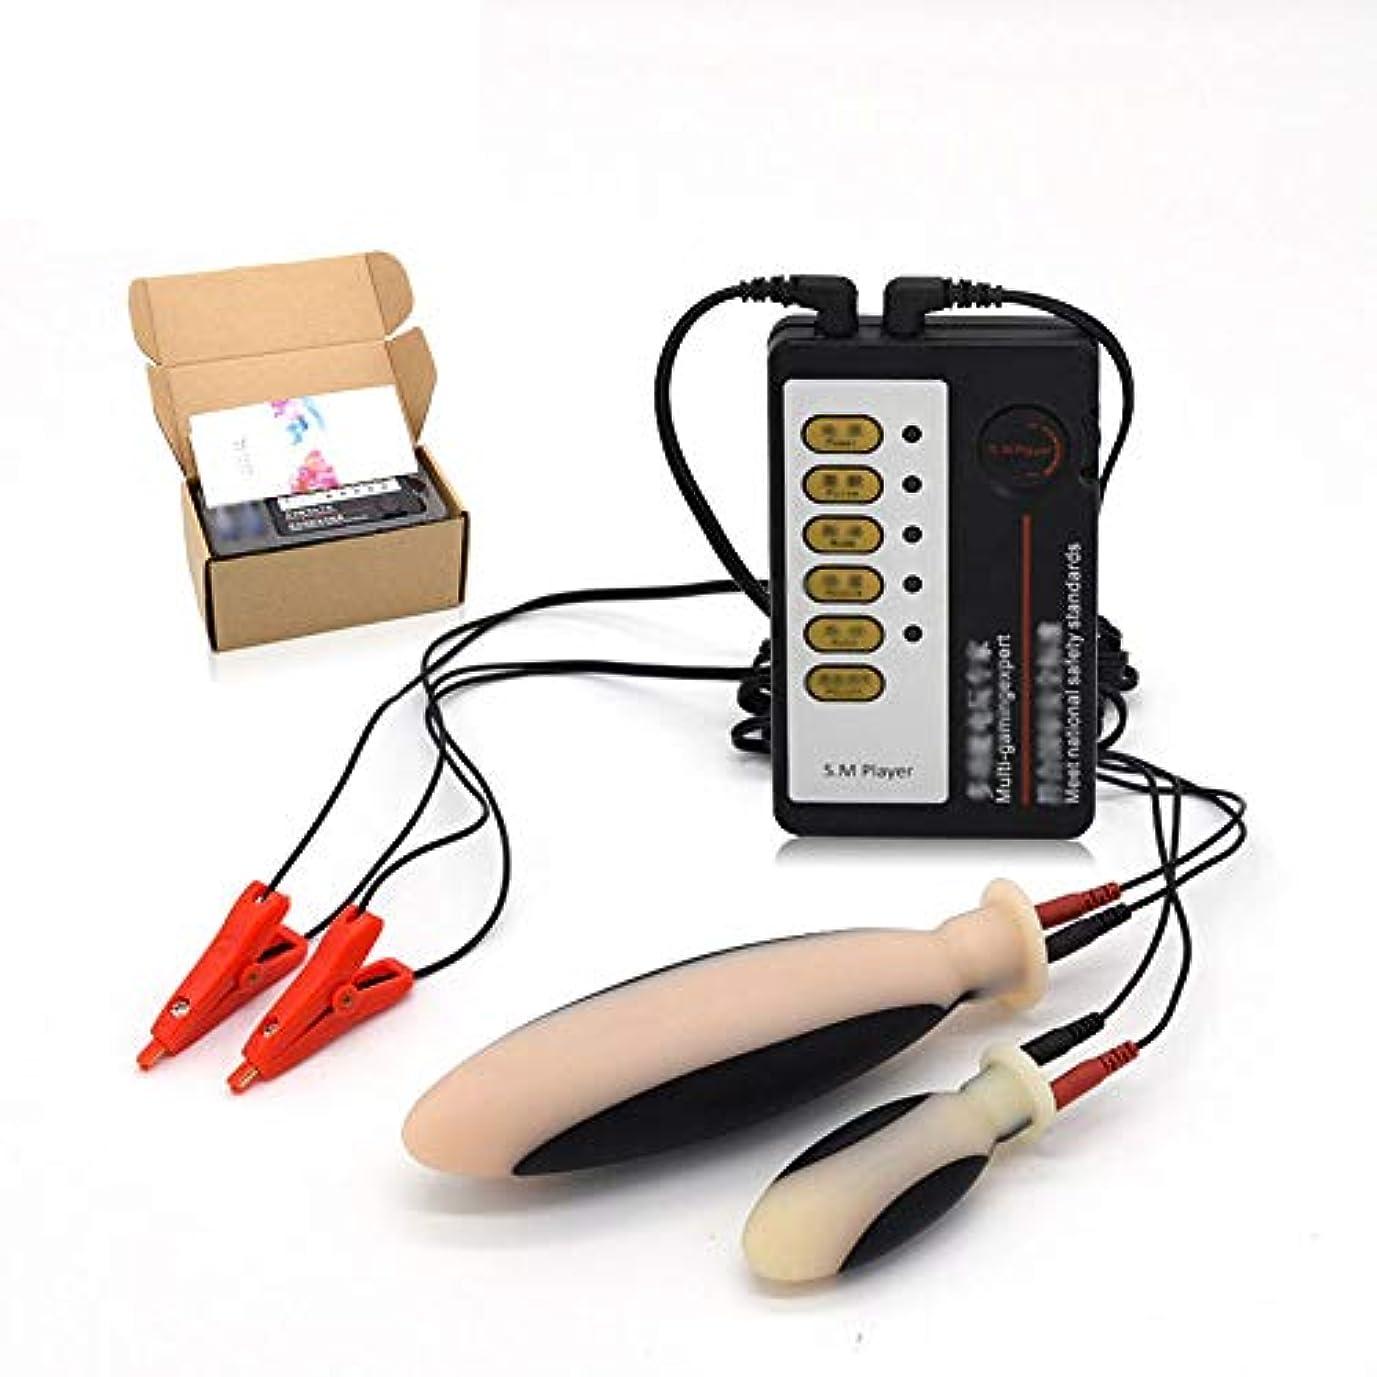 満州キャスト教え放電マッサージ器、電気筋肉マッサージ、複数の速度と振動パターンでリラックスできるマッサージのための体力機器